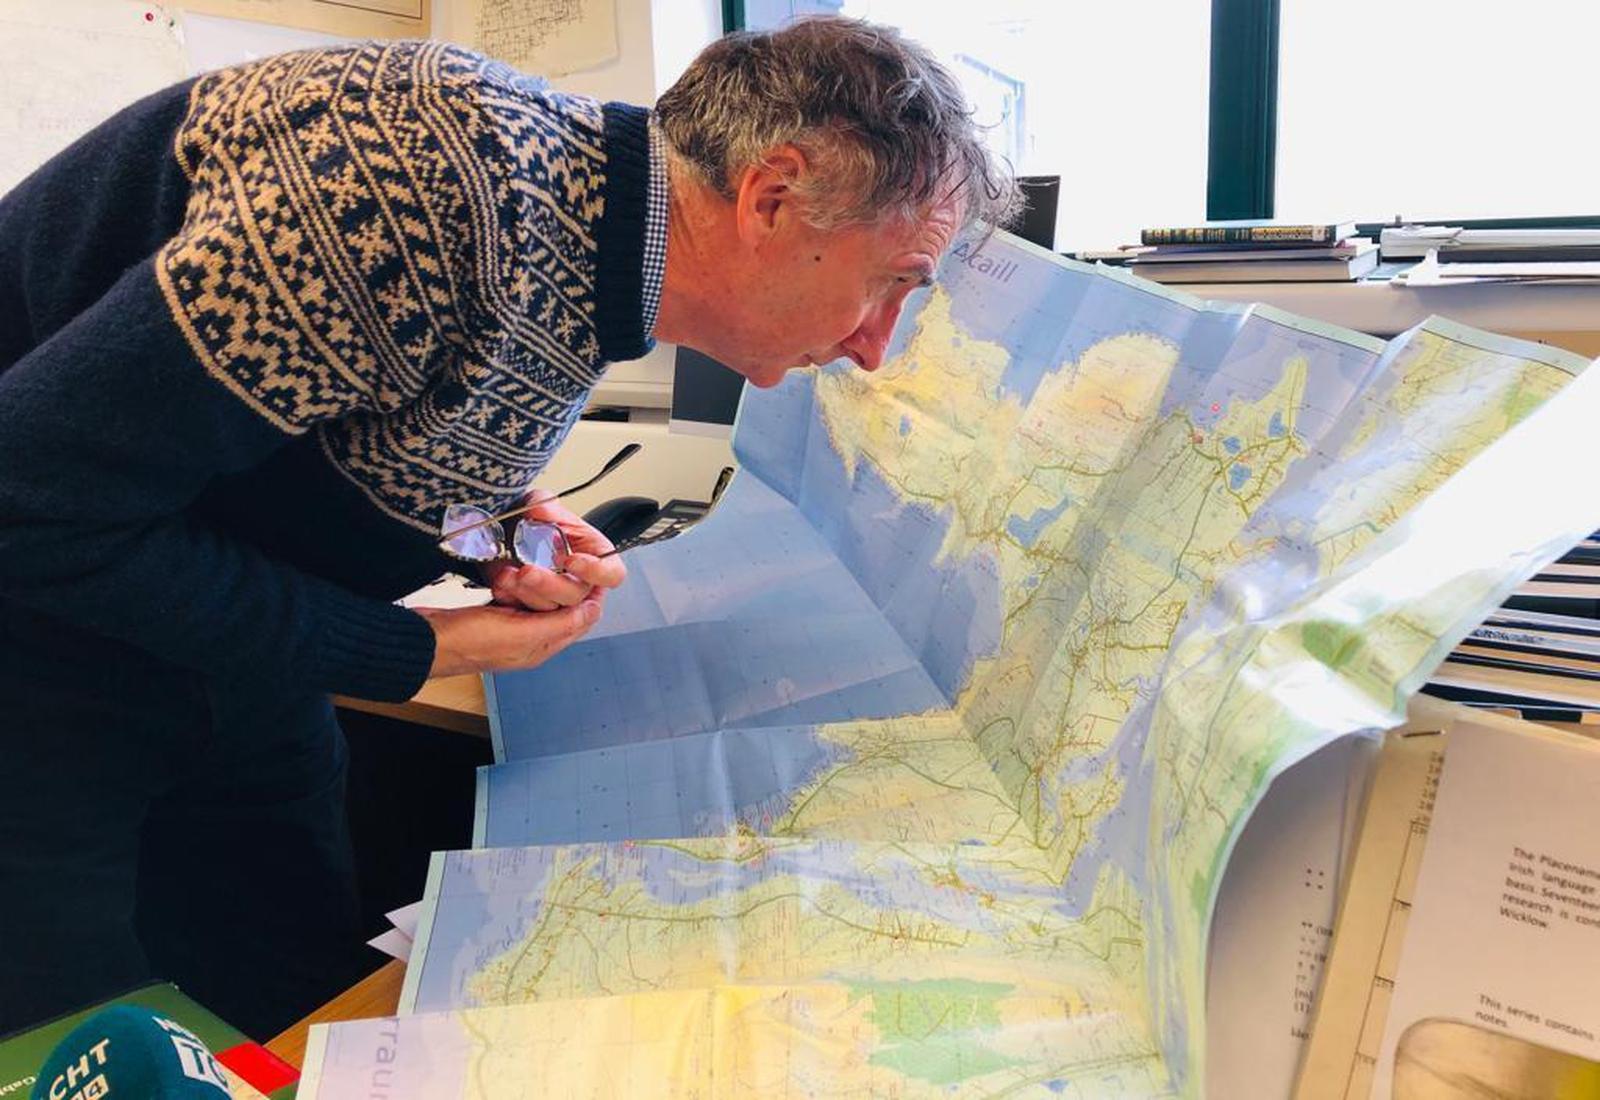 Image - Pádraig Ó Cearbhaill examining the map